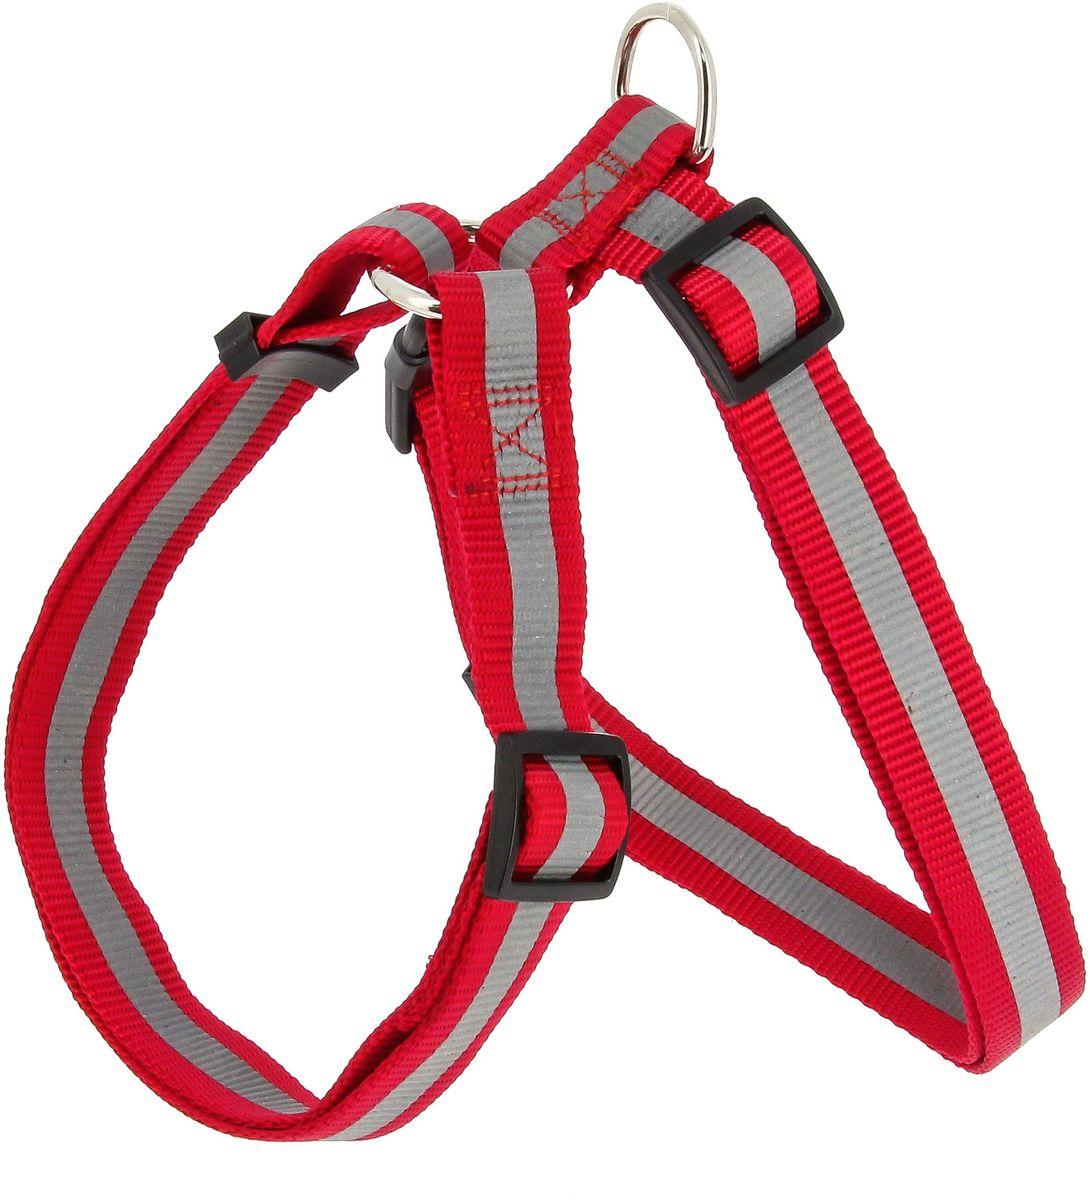 Шлейка для собак Каскад, со светоотражателем, цвет: красный, ширина 10 мм, обхват груди 20-30 см00045021чШлейка, изготовленная из прочного нейлона, подходит для собак. Крепкие металлические элементы делают ее надежной и долговечной. Шлейка - это альтернатива ошейнику. Правильно подобранная шлейка не стесняет движения питомца, не натирает кожу, поэтому животное чувствует себя в ней уверенно и комфортно. Размер регулируется при помощи пряжки.Обхват груди: 20-30 см. Ширина шлейки: 1 см.